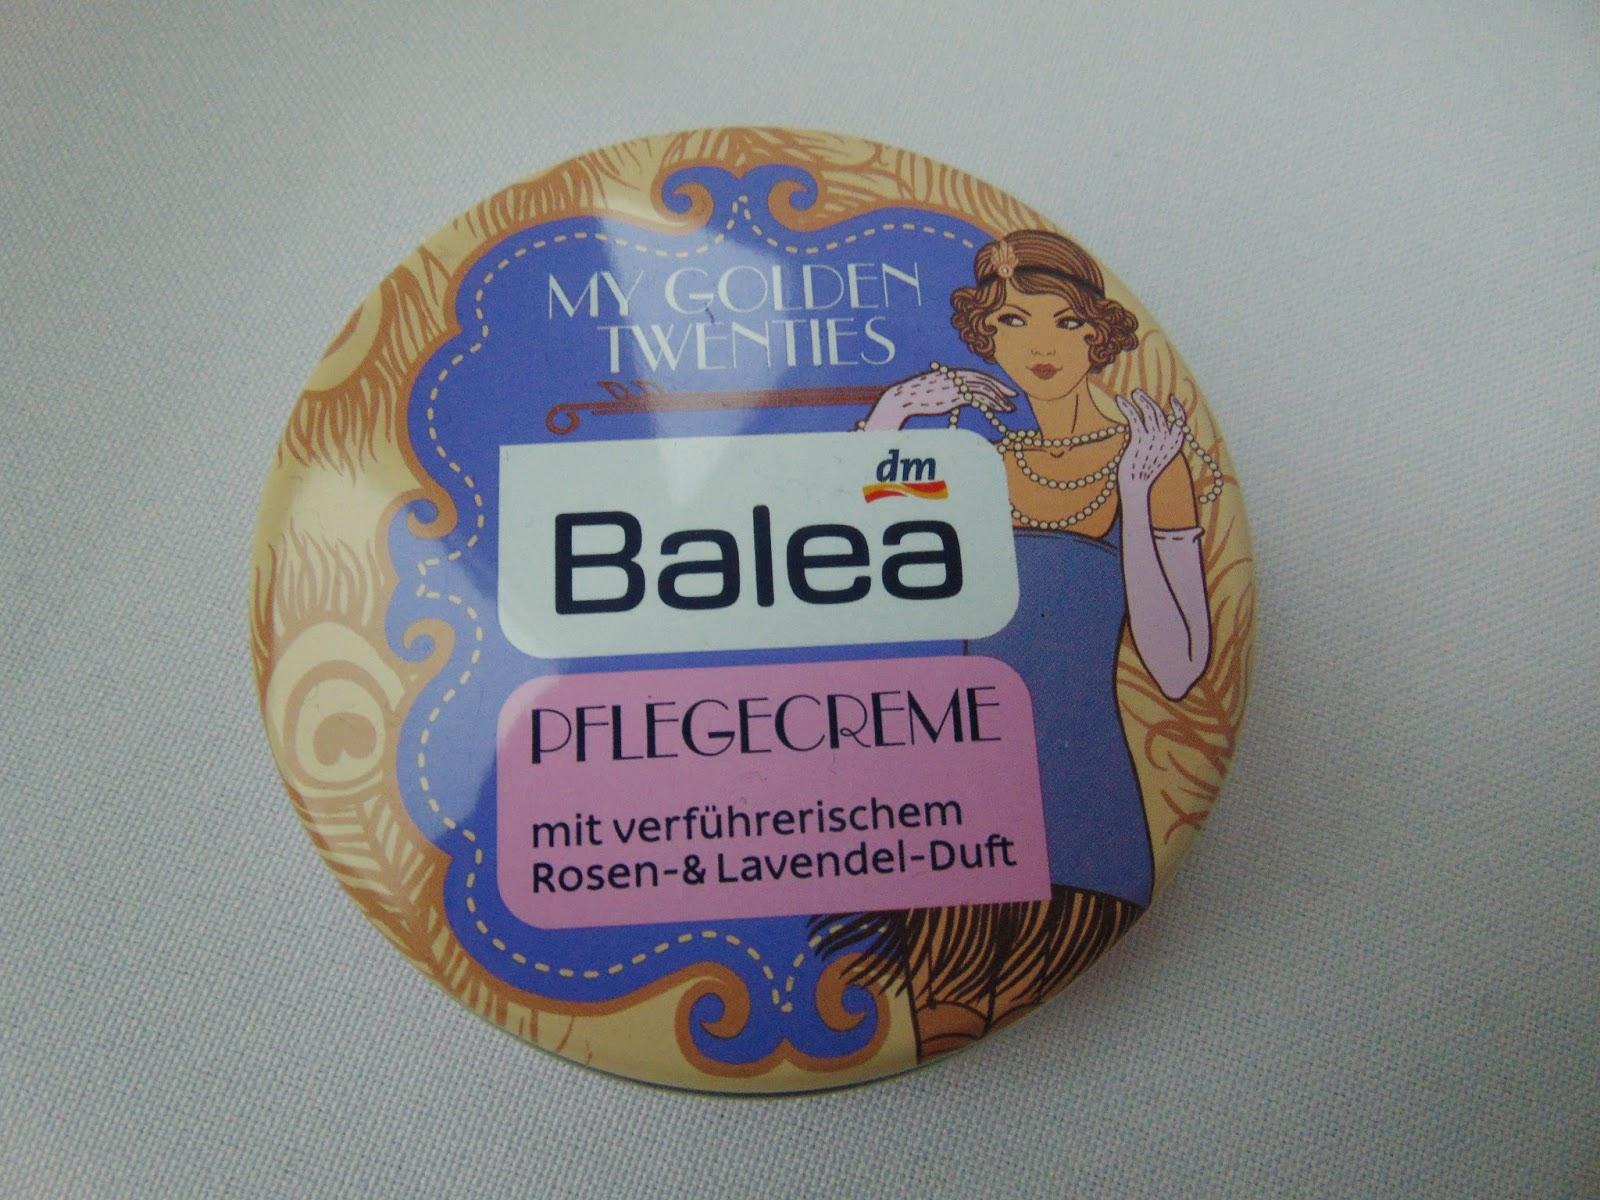 Balea Pflegecreme - My golden Twenties - www.annitschkasblog.de